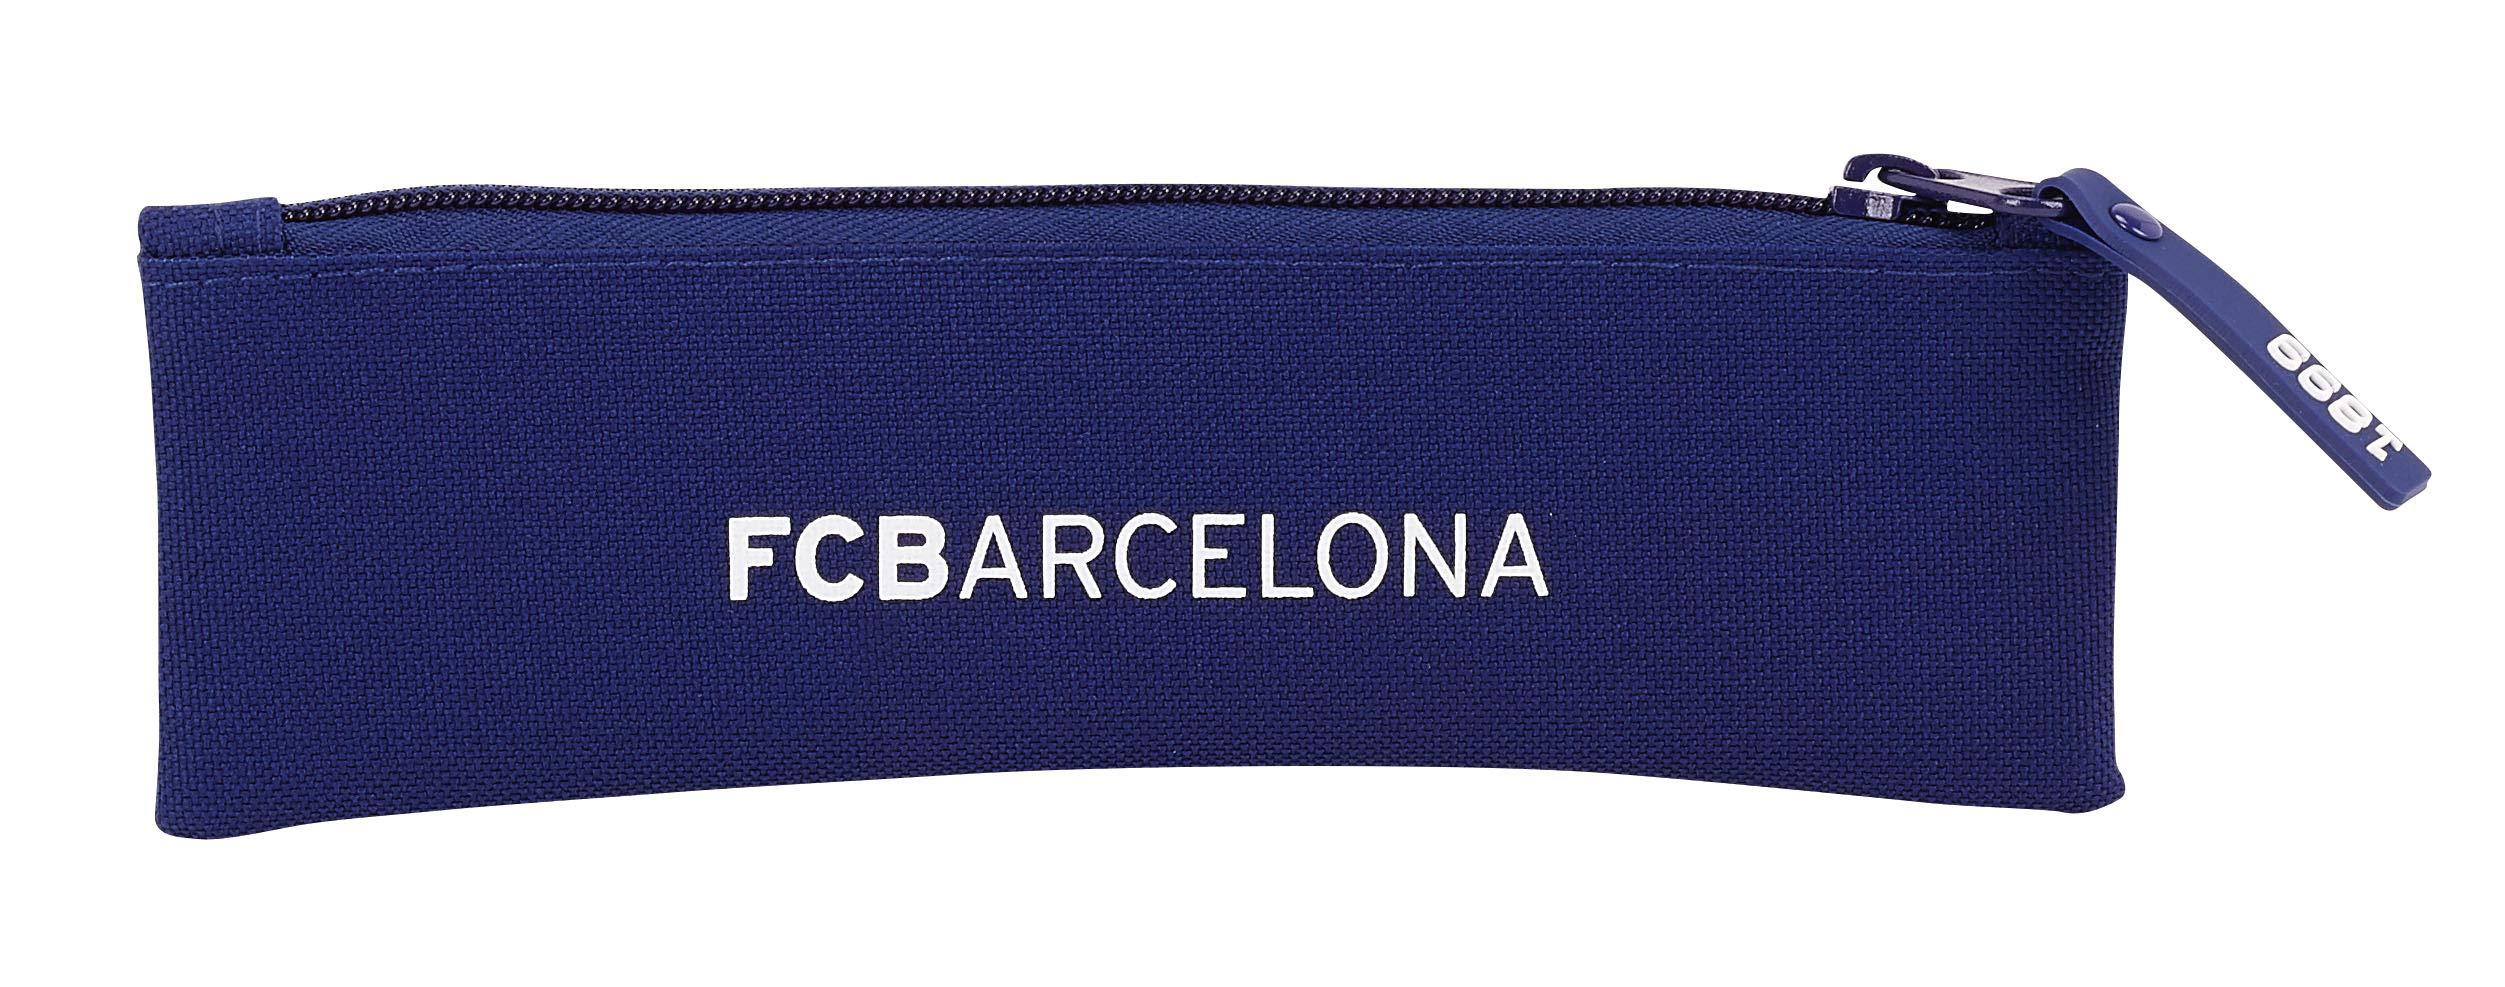 Safta 20 cm, Azul FC Barcelona 811829025 2018 Estuches, Unisex